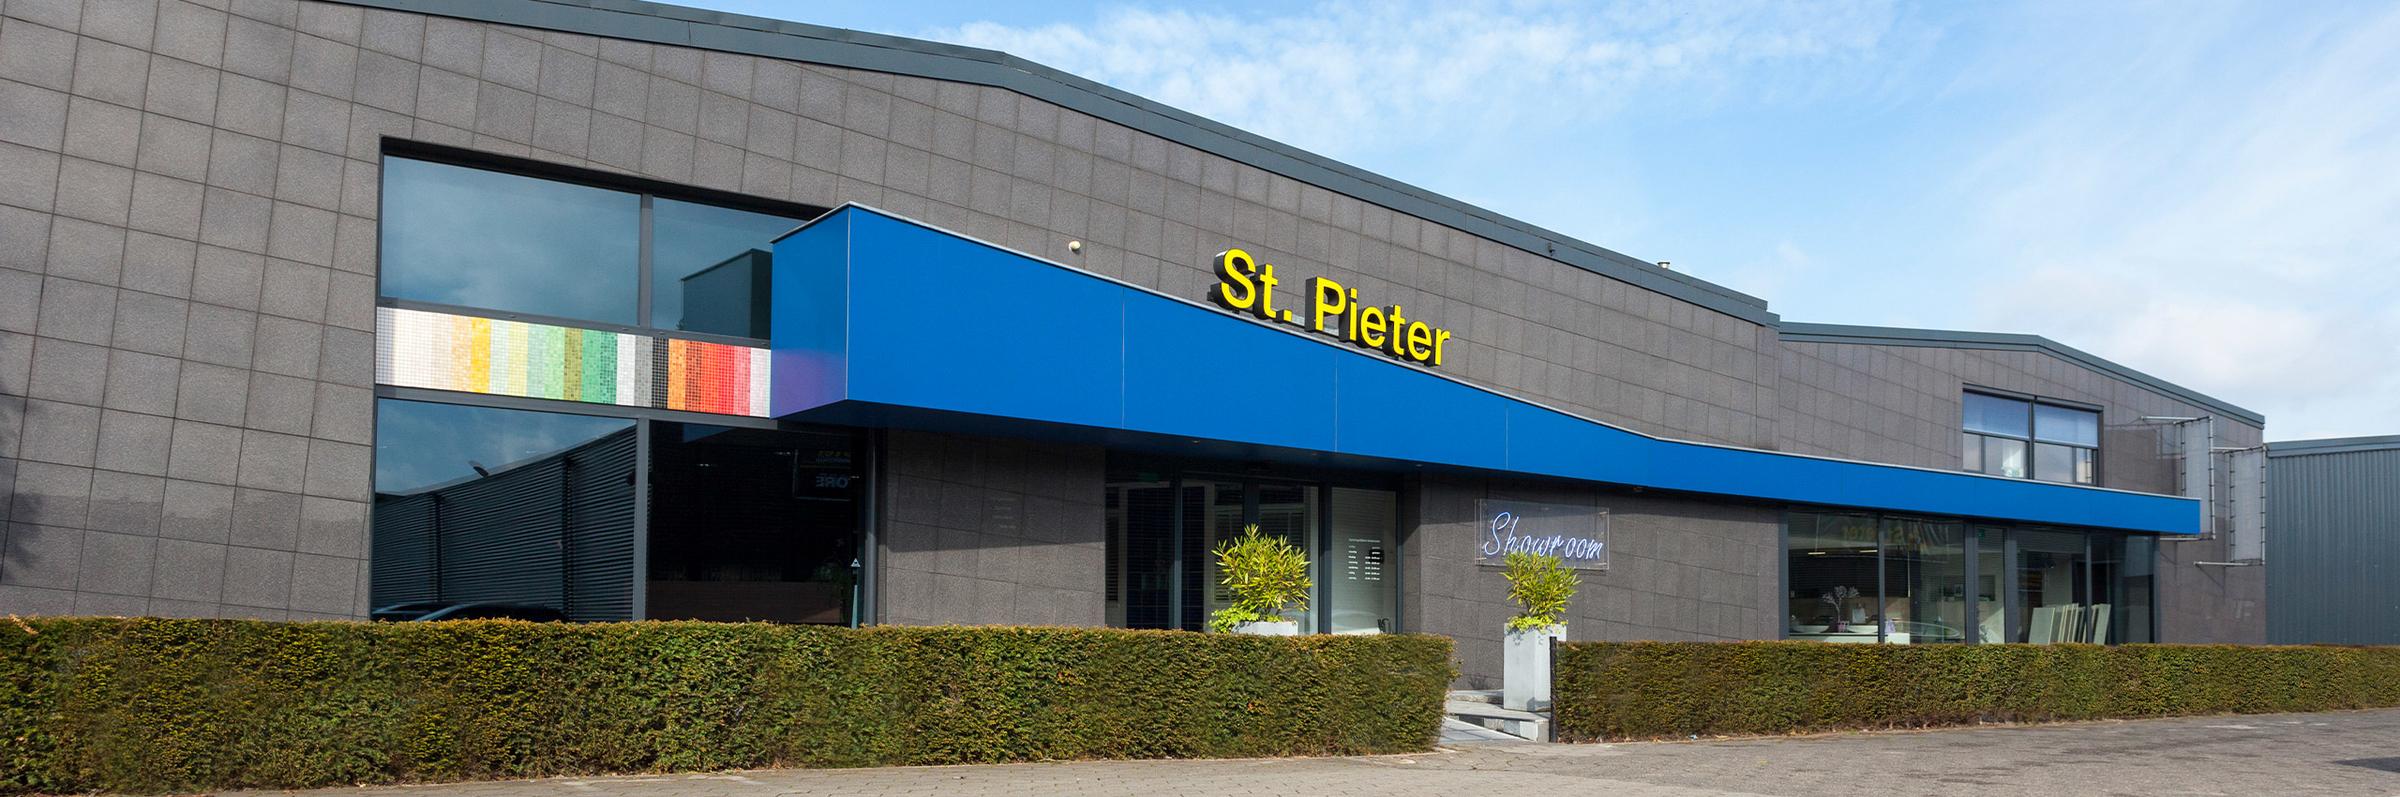 St. Pieter - de badkamer en vloerenspecialist - St. Pieter - de badkamer en vloerenspecialist